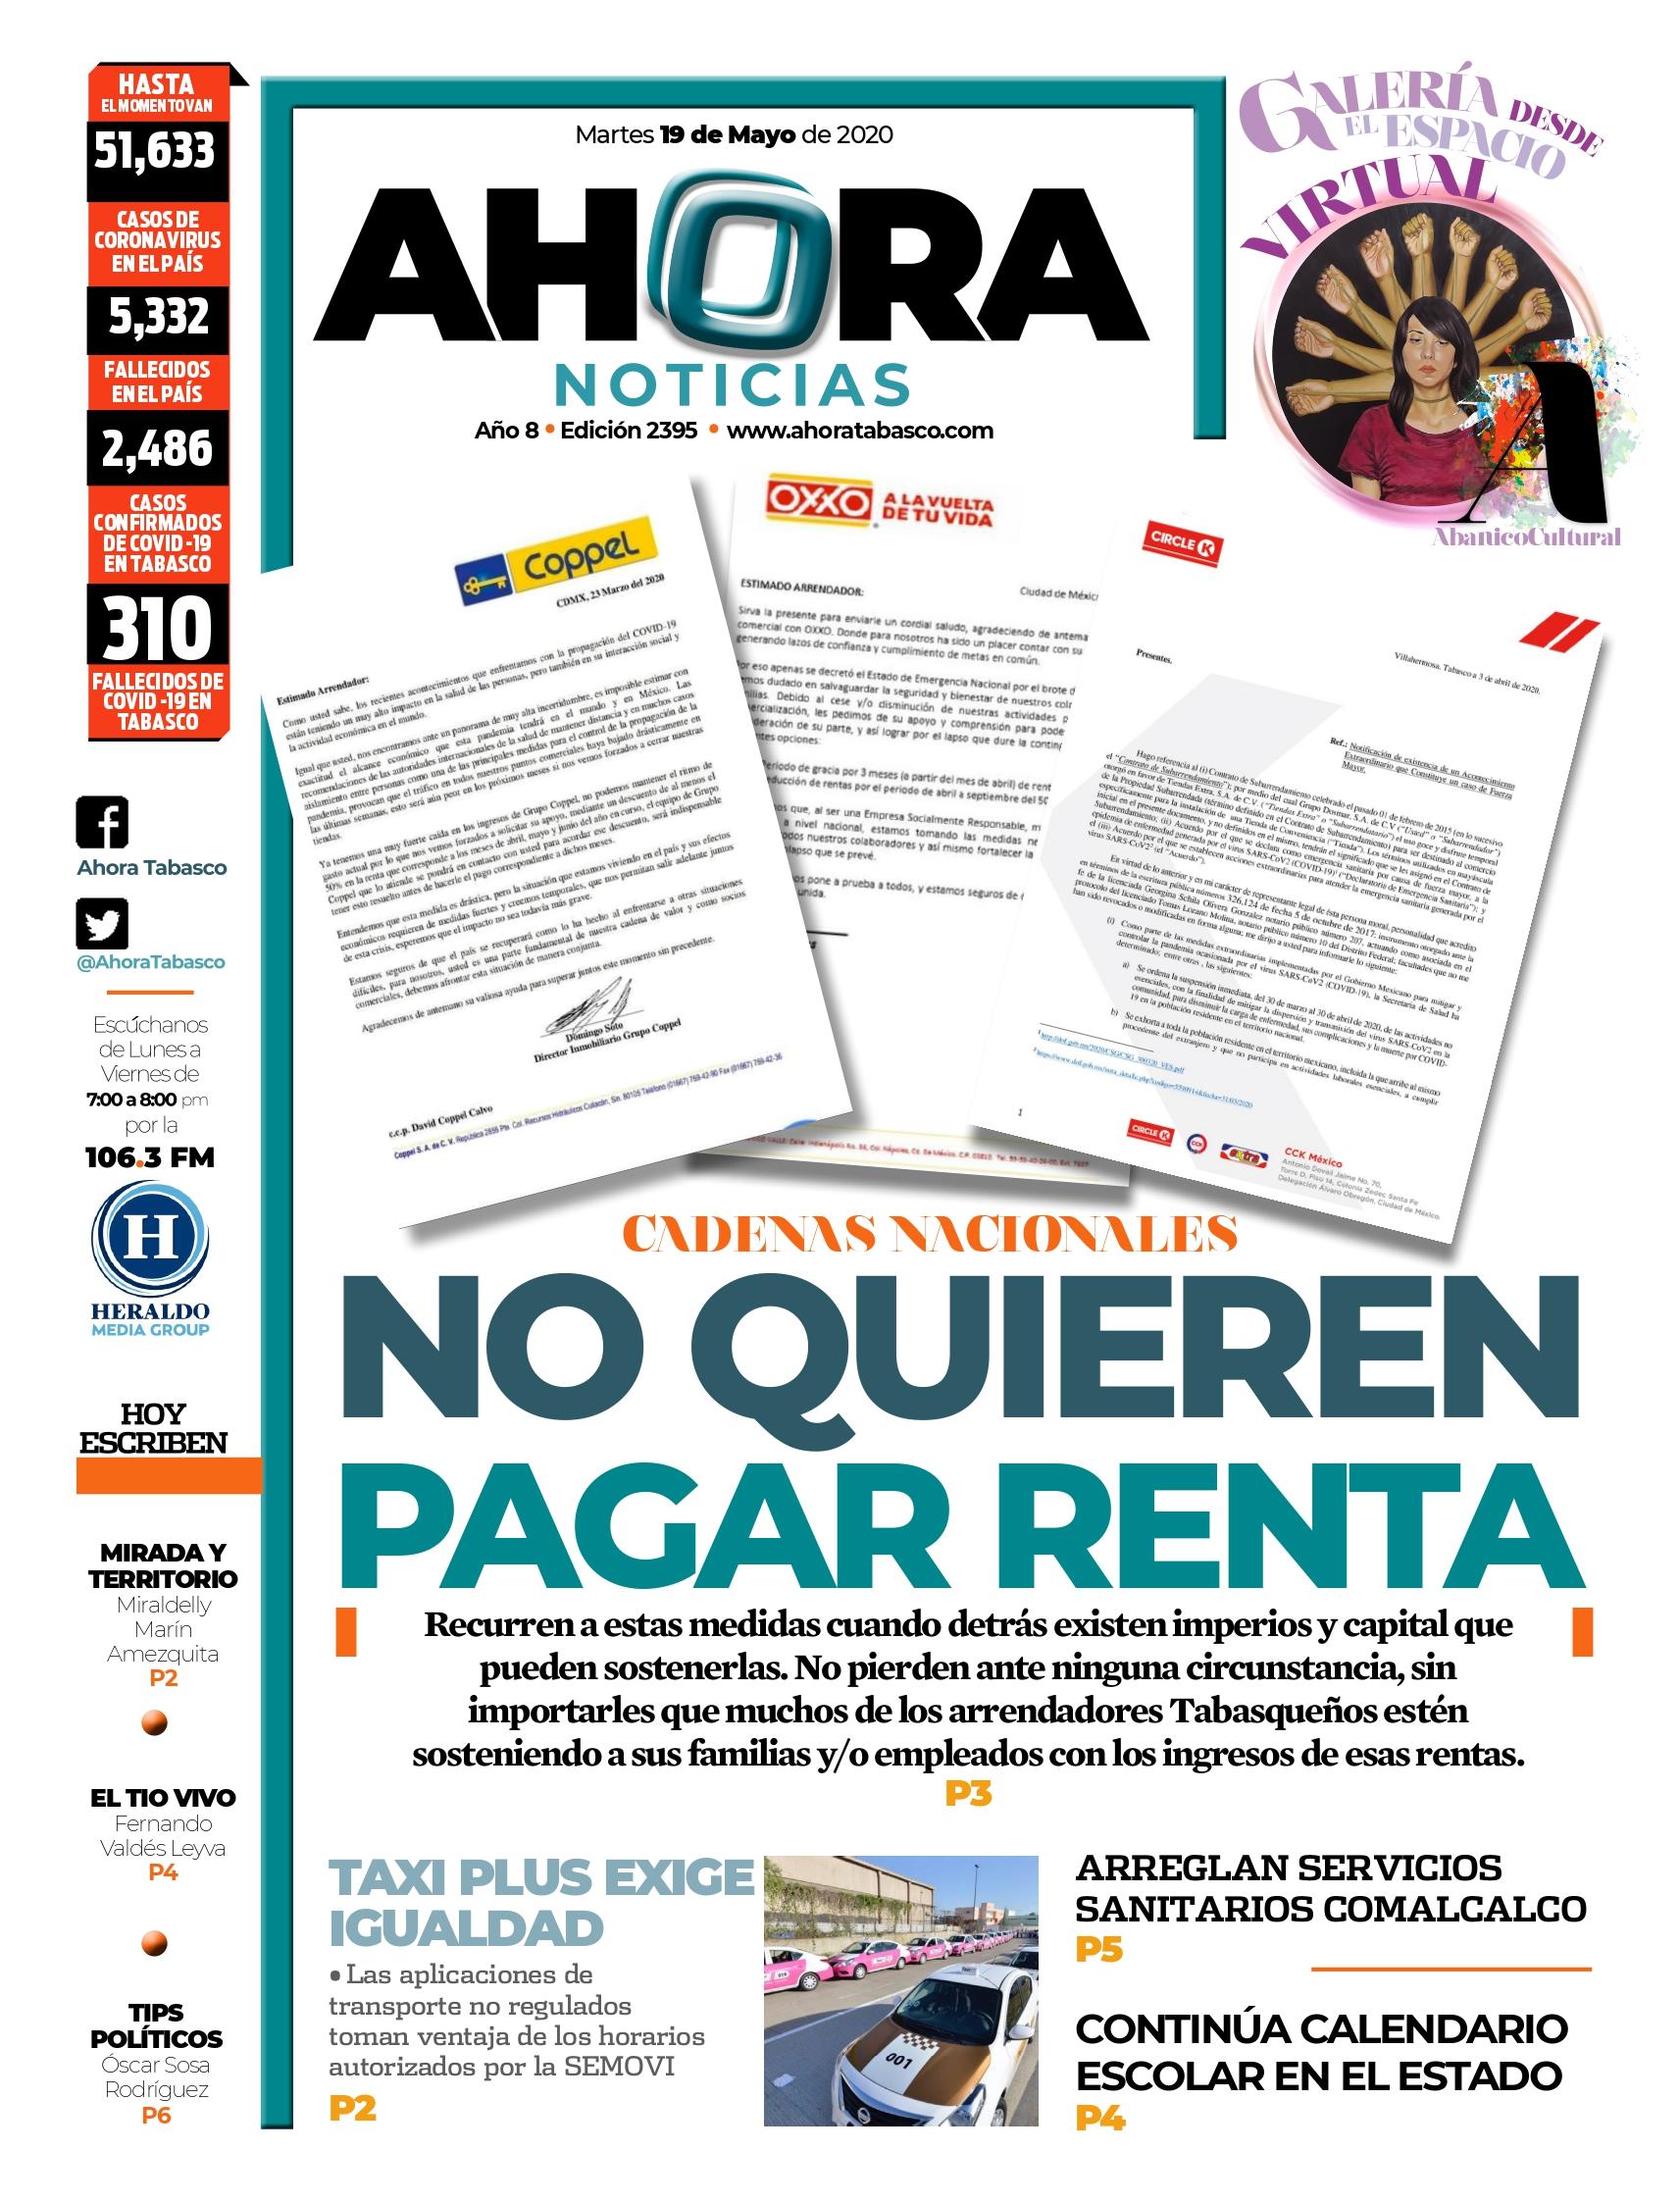 Tiendas en Villahermosa se niegan a pagar renta